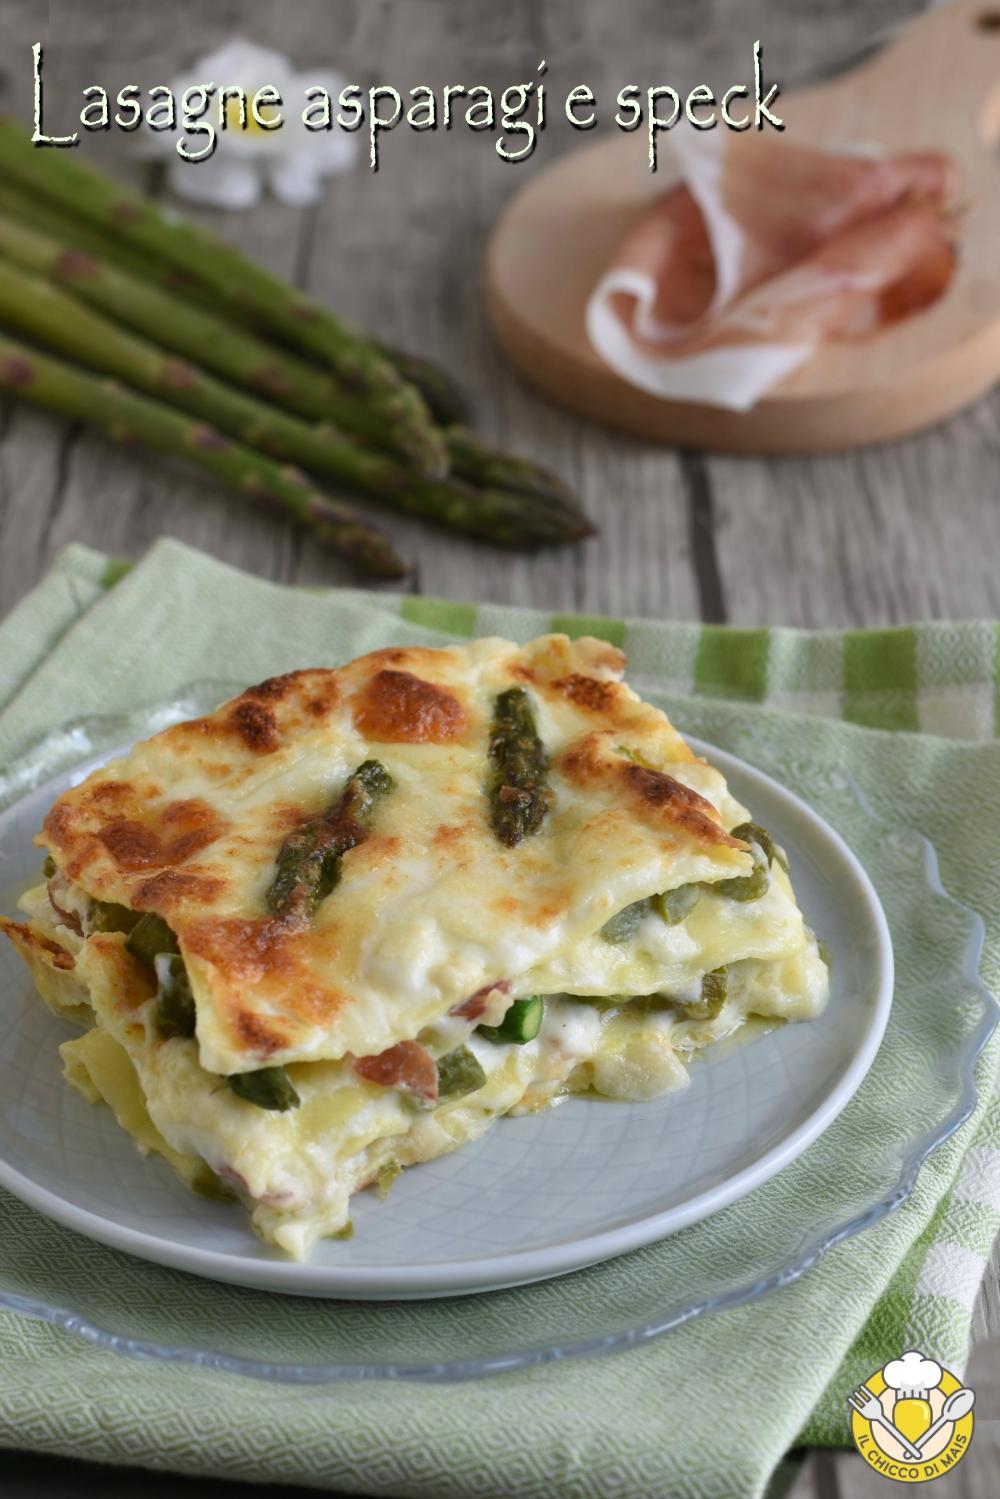 v_ Lasagne asparagi e speck ricetta lasagne bianche con asparagi il chicco di mais